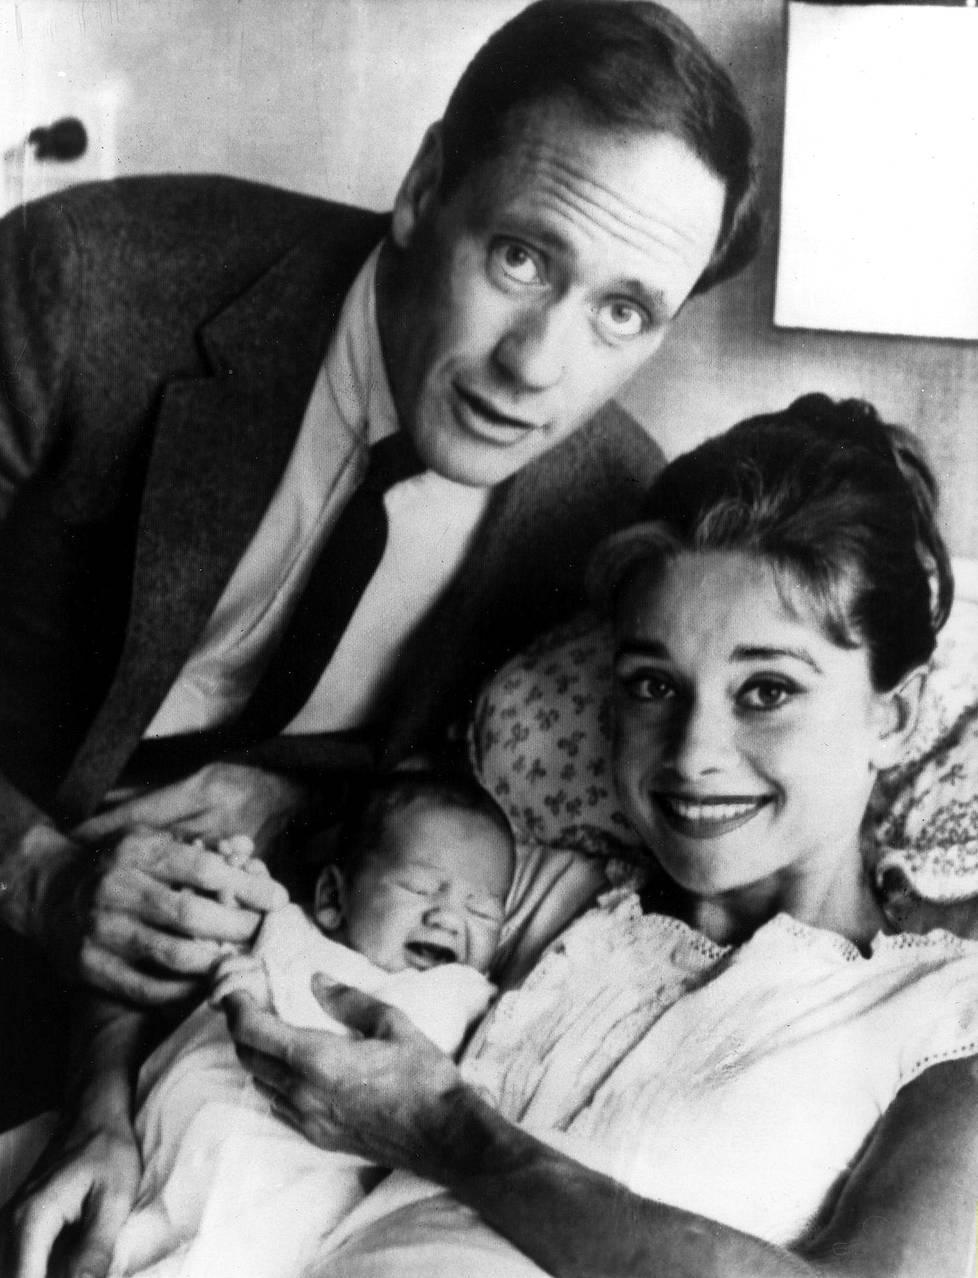 Lukuisten keskenmenojen jälkeen Audrey Hepburn synnytti vihdoin Sean-pojan 1960. Liitto Seanin isän Mel Ferrerin kanssa kesti 14 vuotta.